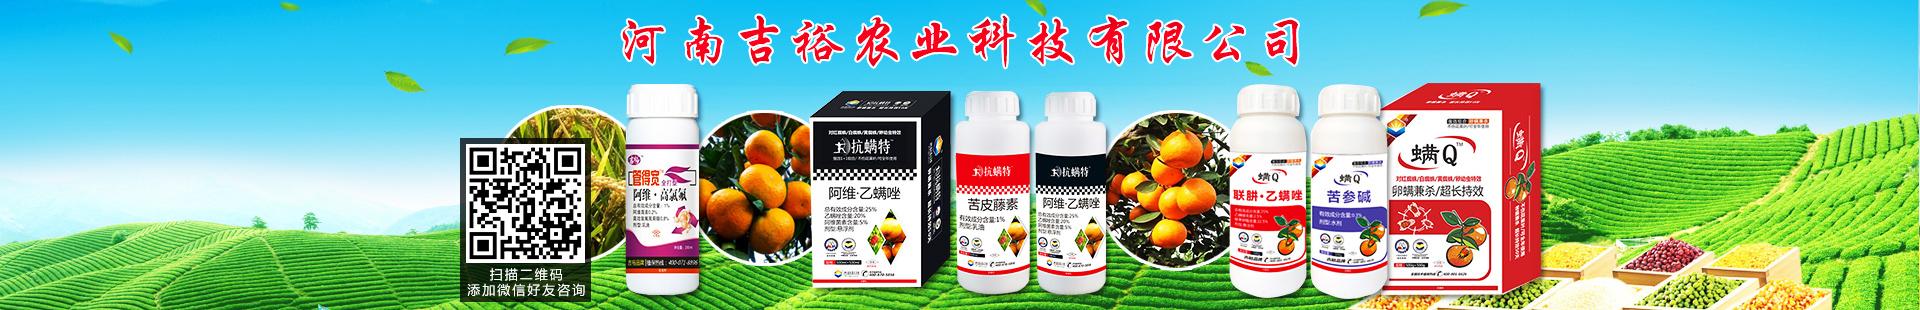 河南吉裕农业科技有限公司